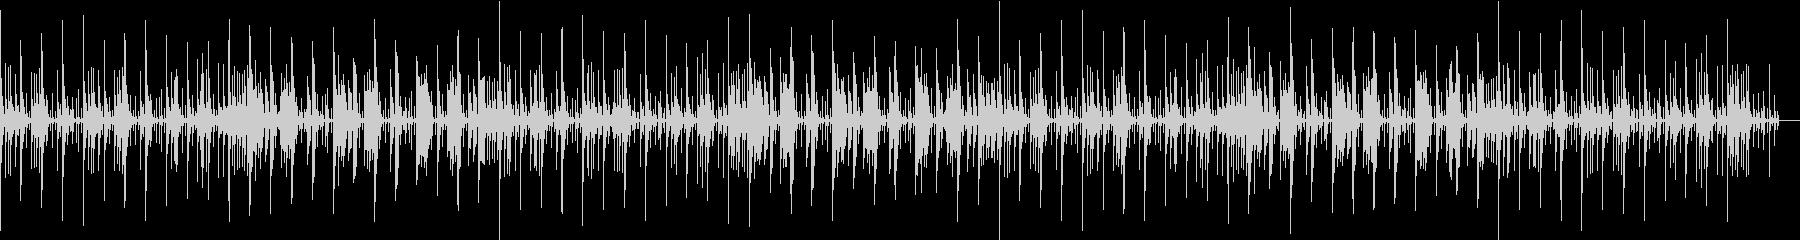 日常•のんき•ほのぼの系bgmの未再生の波形